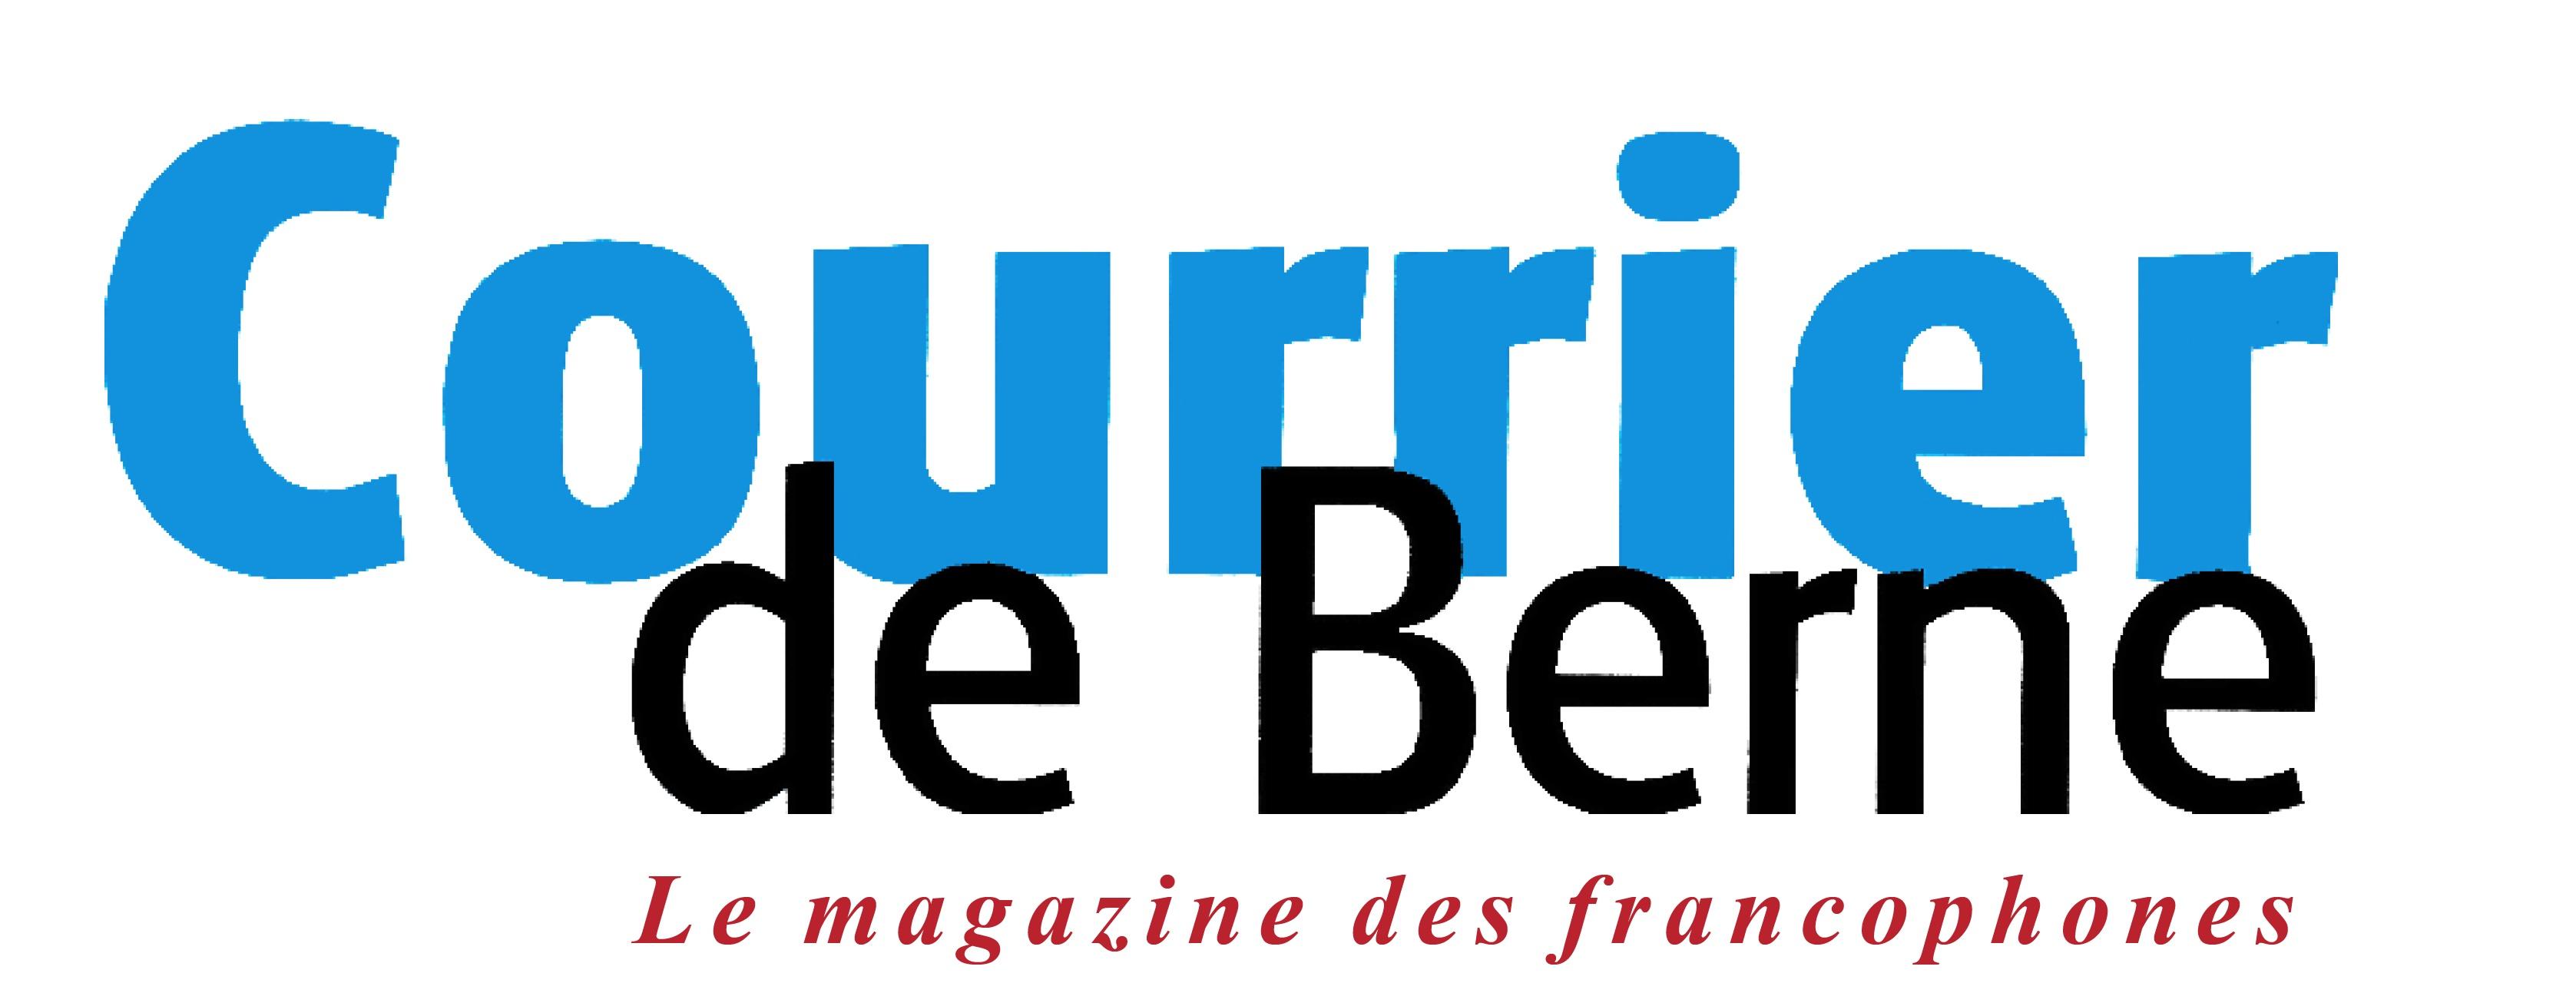 Sondage en ligne de l'Association des romands de Berne et francophone